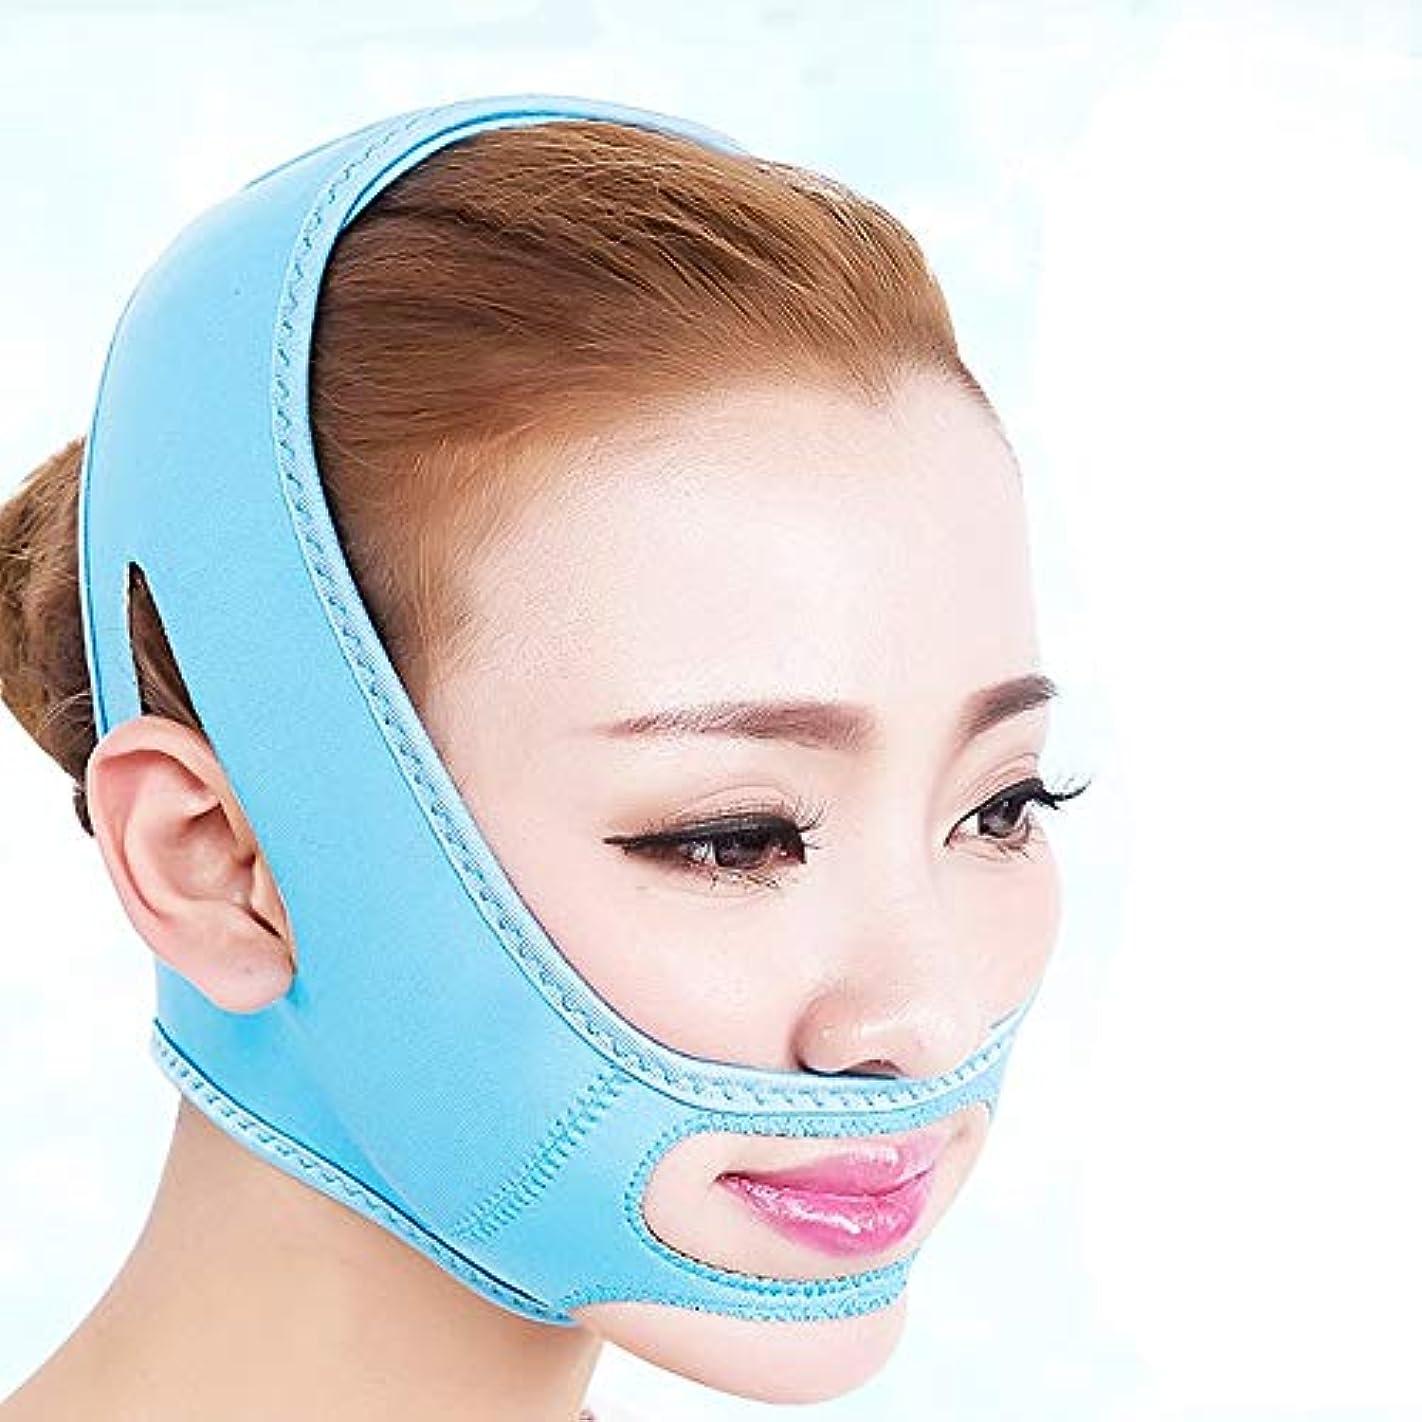 ジャンルベーシックジョグVラインマスク、ネックマスクフェイスリフトVリフティングチンアップパッチダブルチンリデューサーネックリフト,Blue